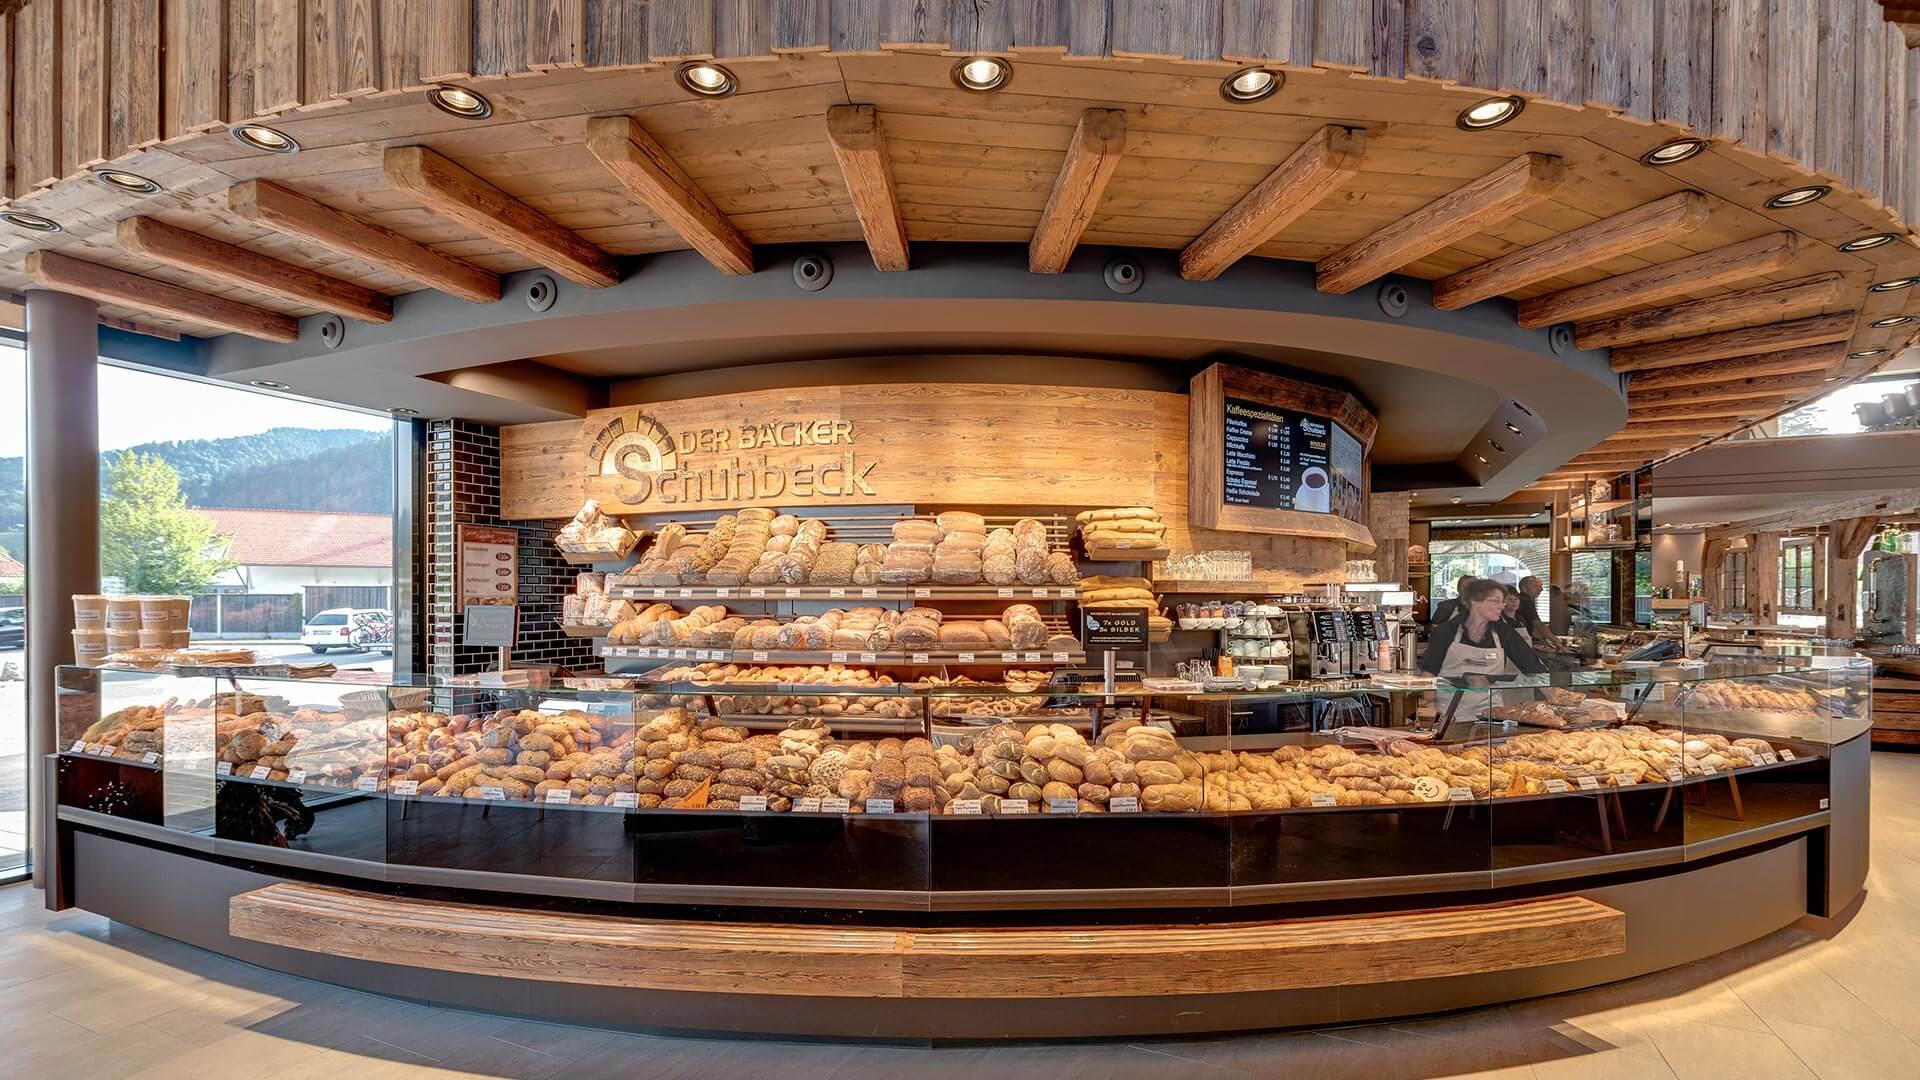 Bäckerei Schuhbeck Brotladen Ruhpolding (8)